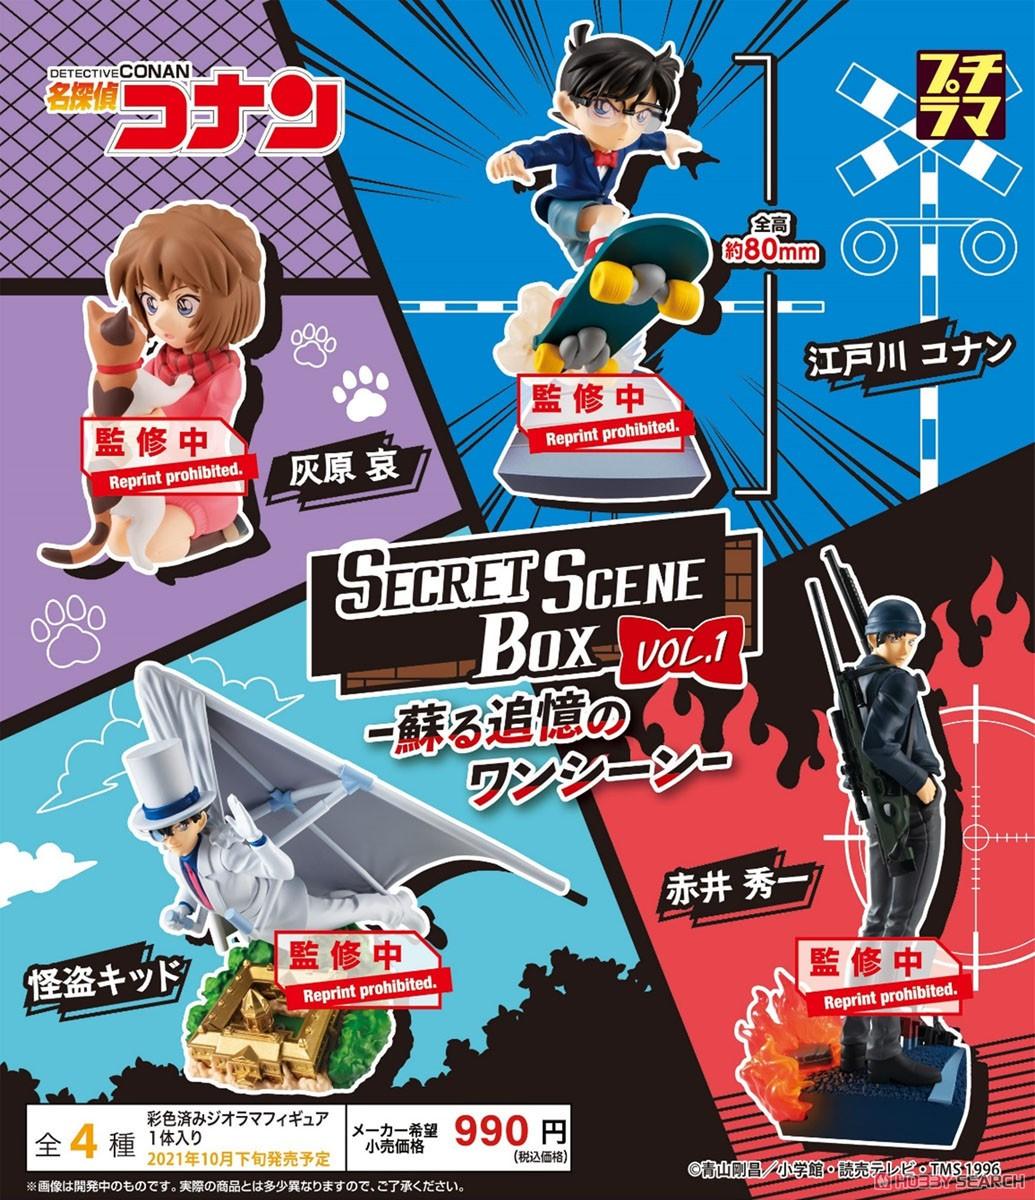 プチラマシリーズ『名探偵コナン SECRET SCENE BOX Vol.1』4個入りBOX-006